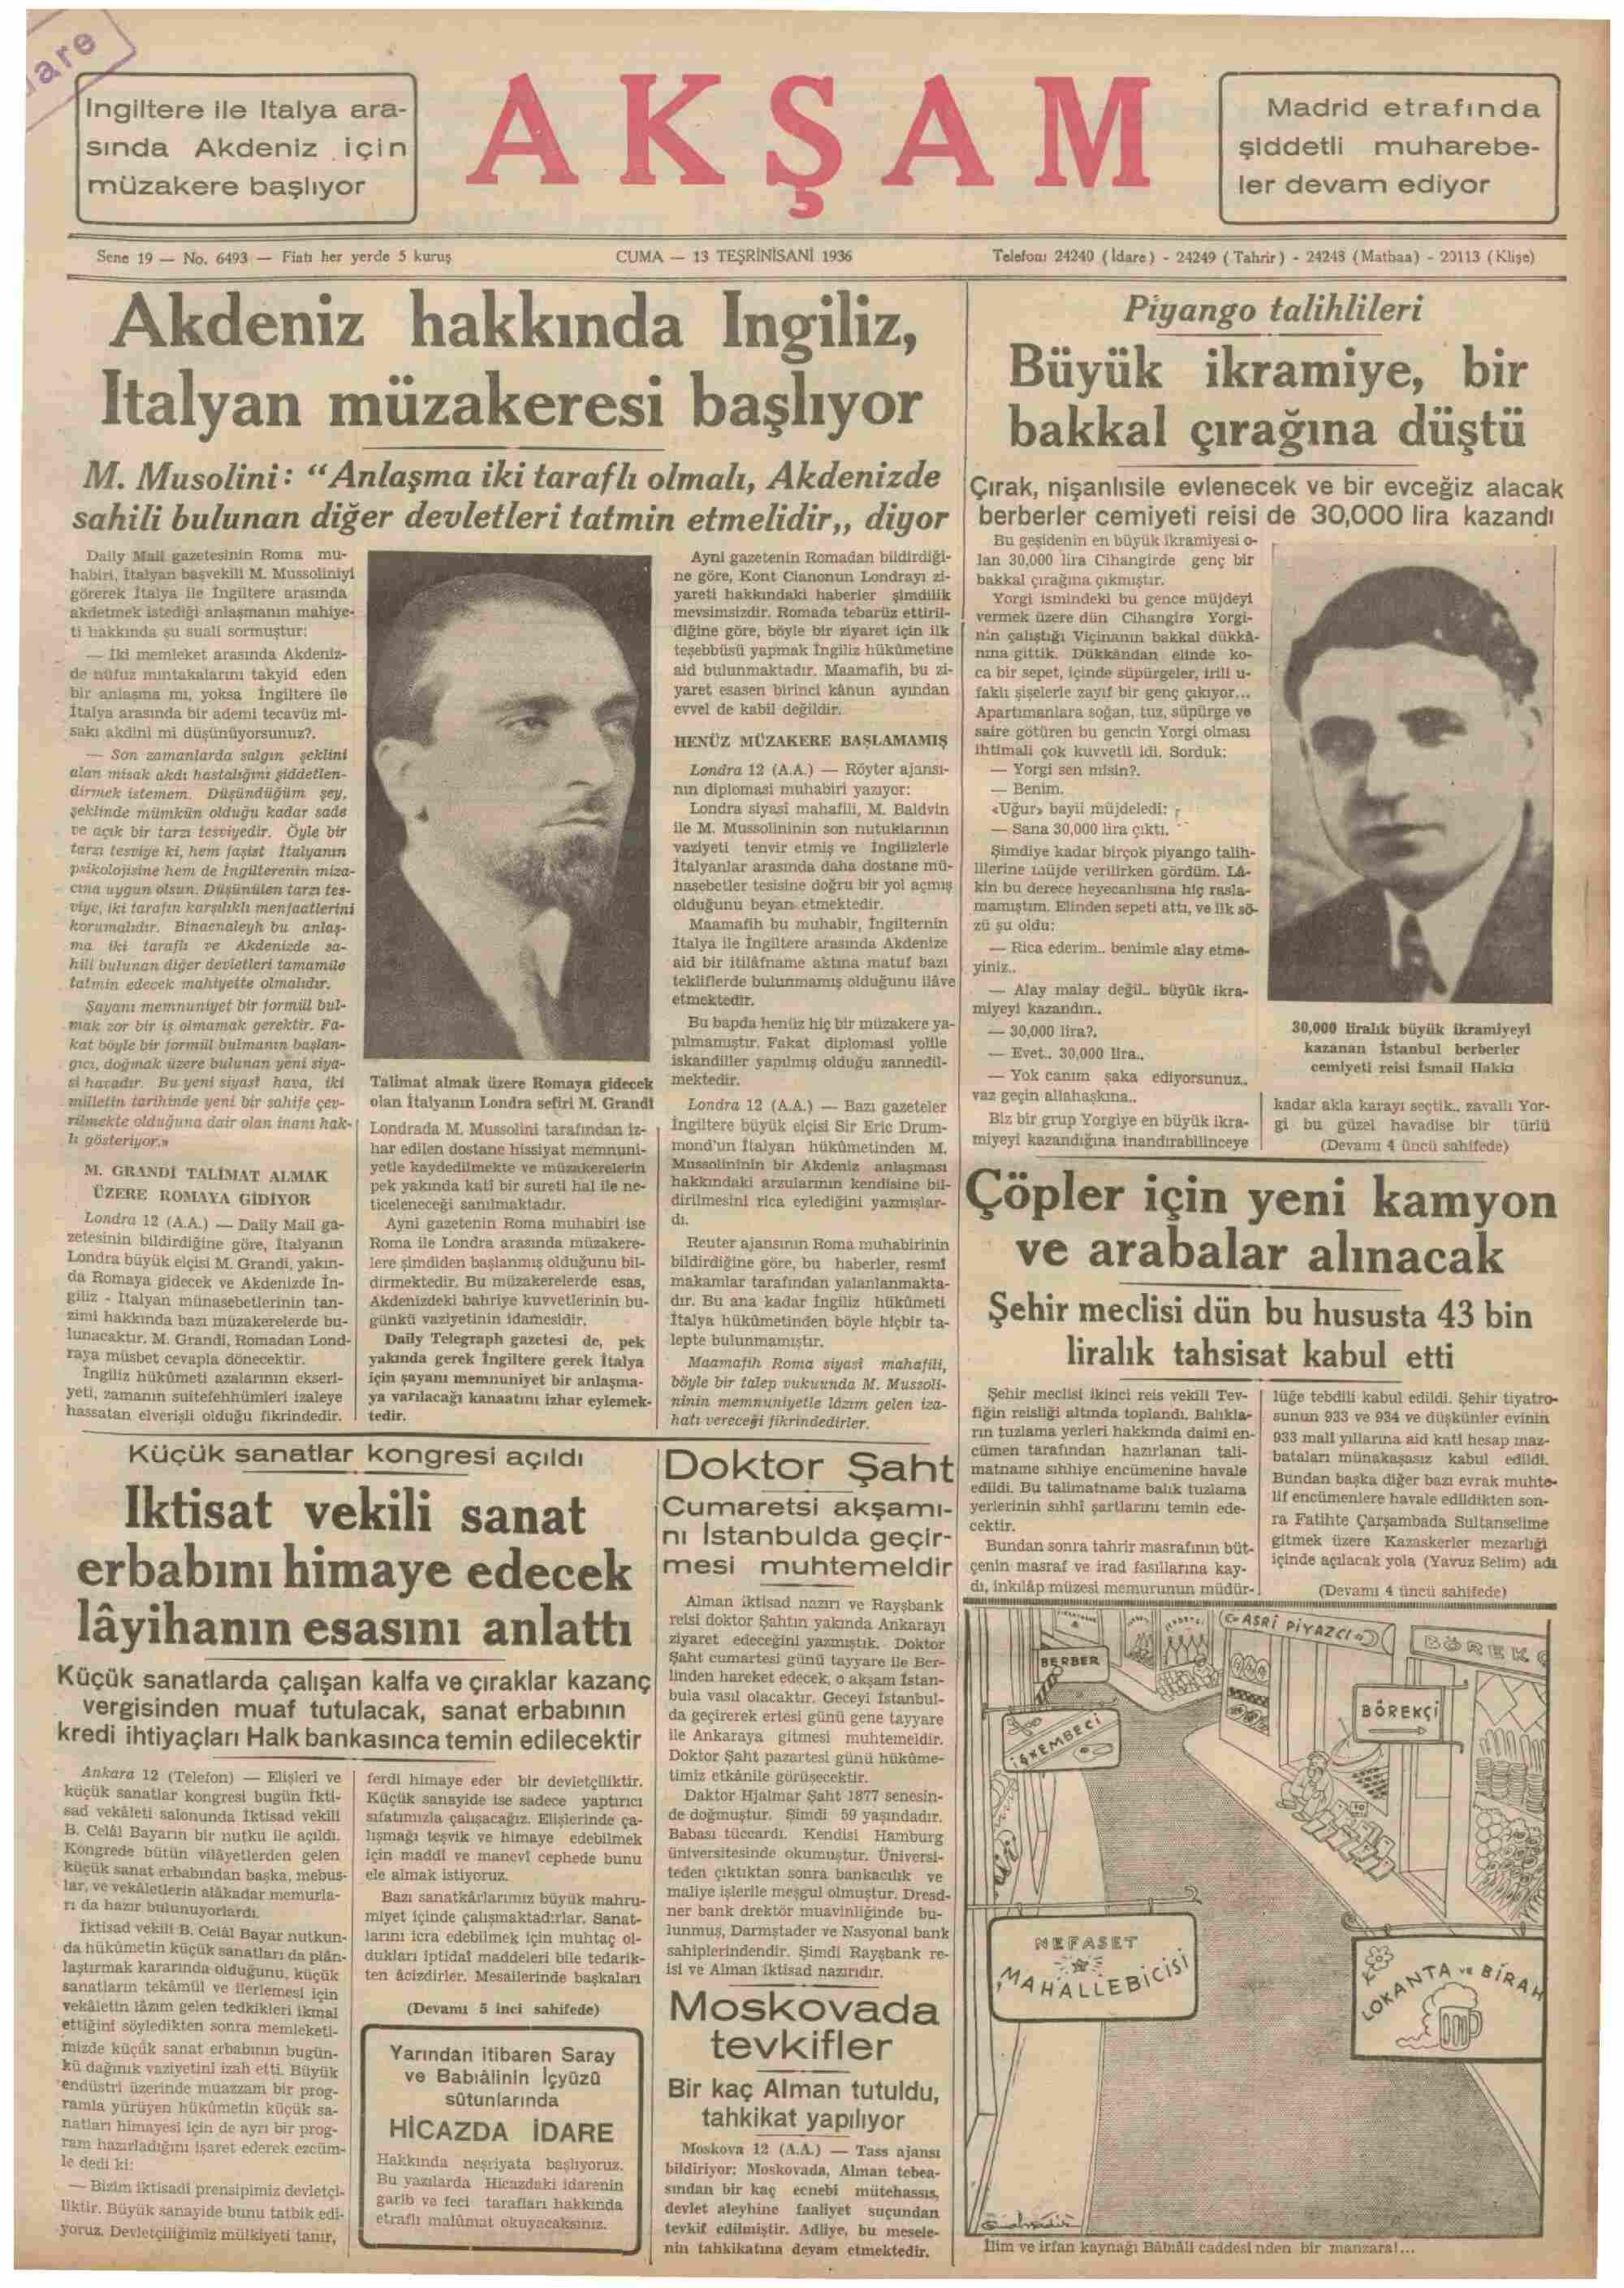 13 Kasım 1936 Tarihli Akşam Dergisi Sayfa 1